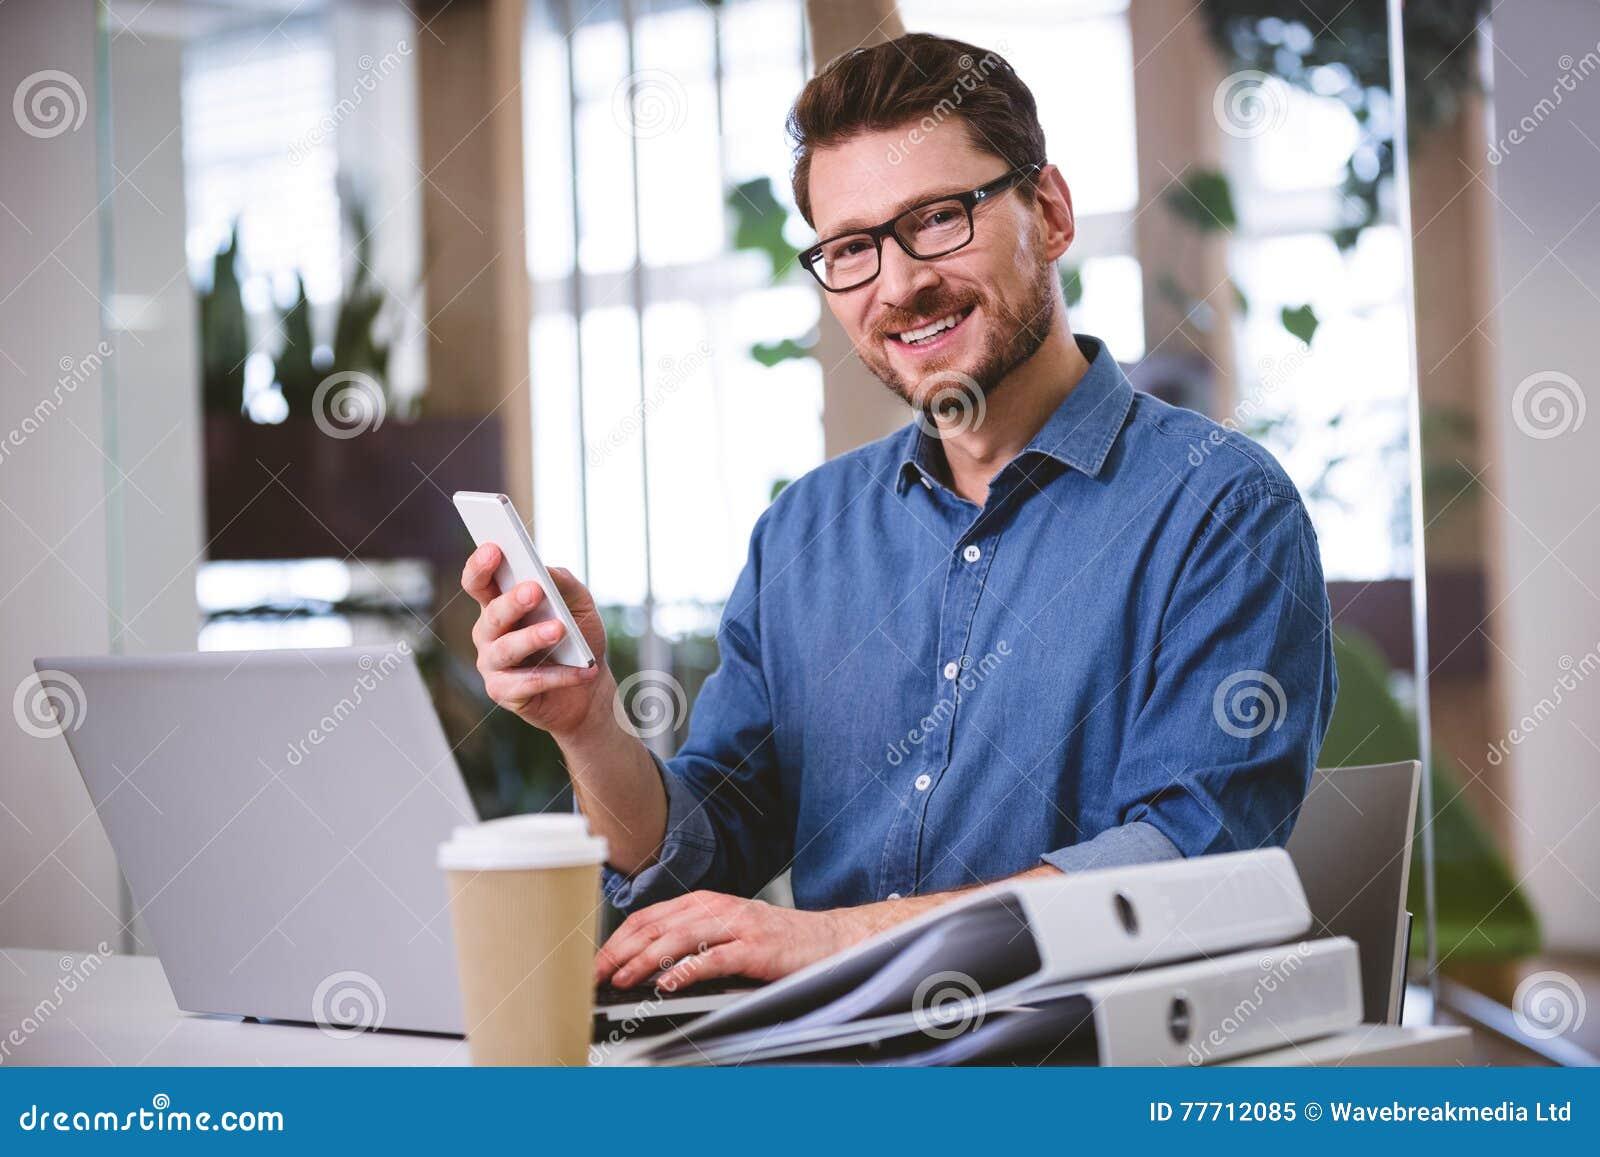 Retrato del ejecutivo confiado que usa el teléfono móvil en la oficina creativa